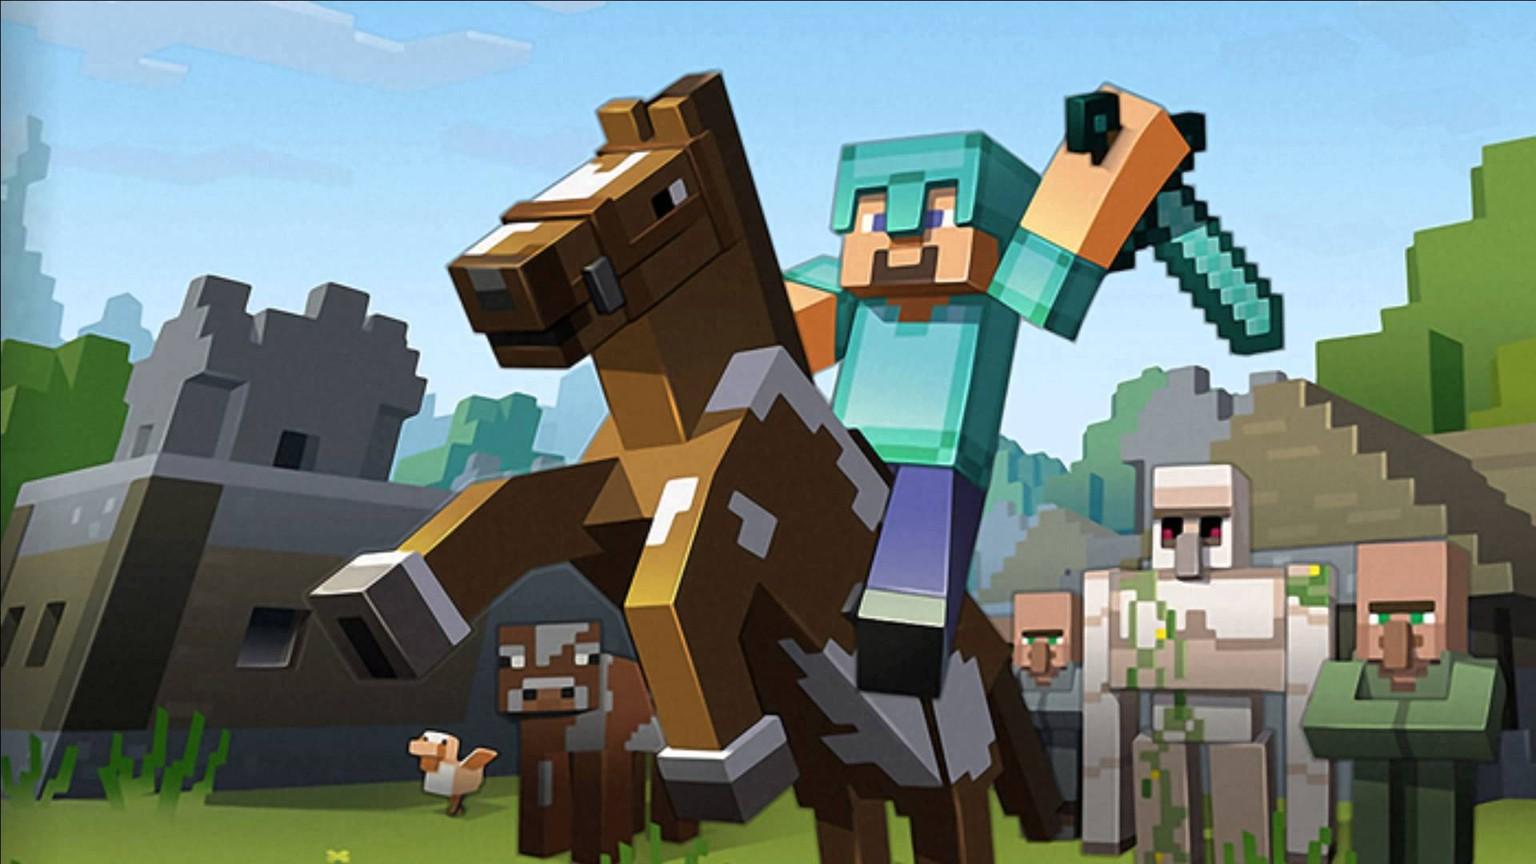 Minecraft Spielen Kann Das Leben Besser Machen Beruflich Wie - Minecraft spiele was ist das